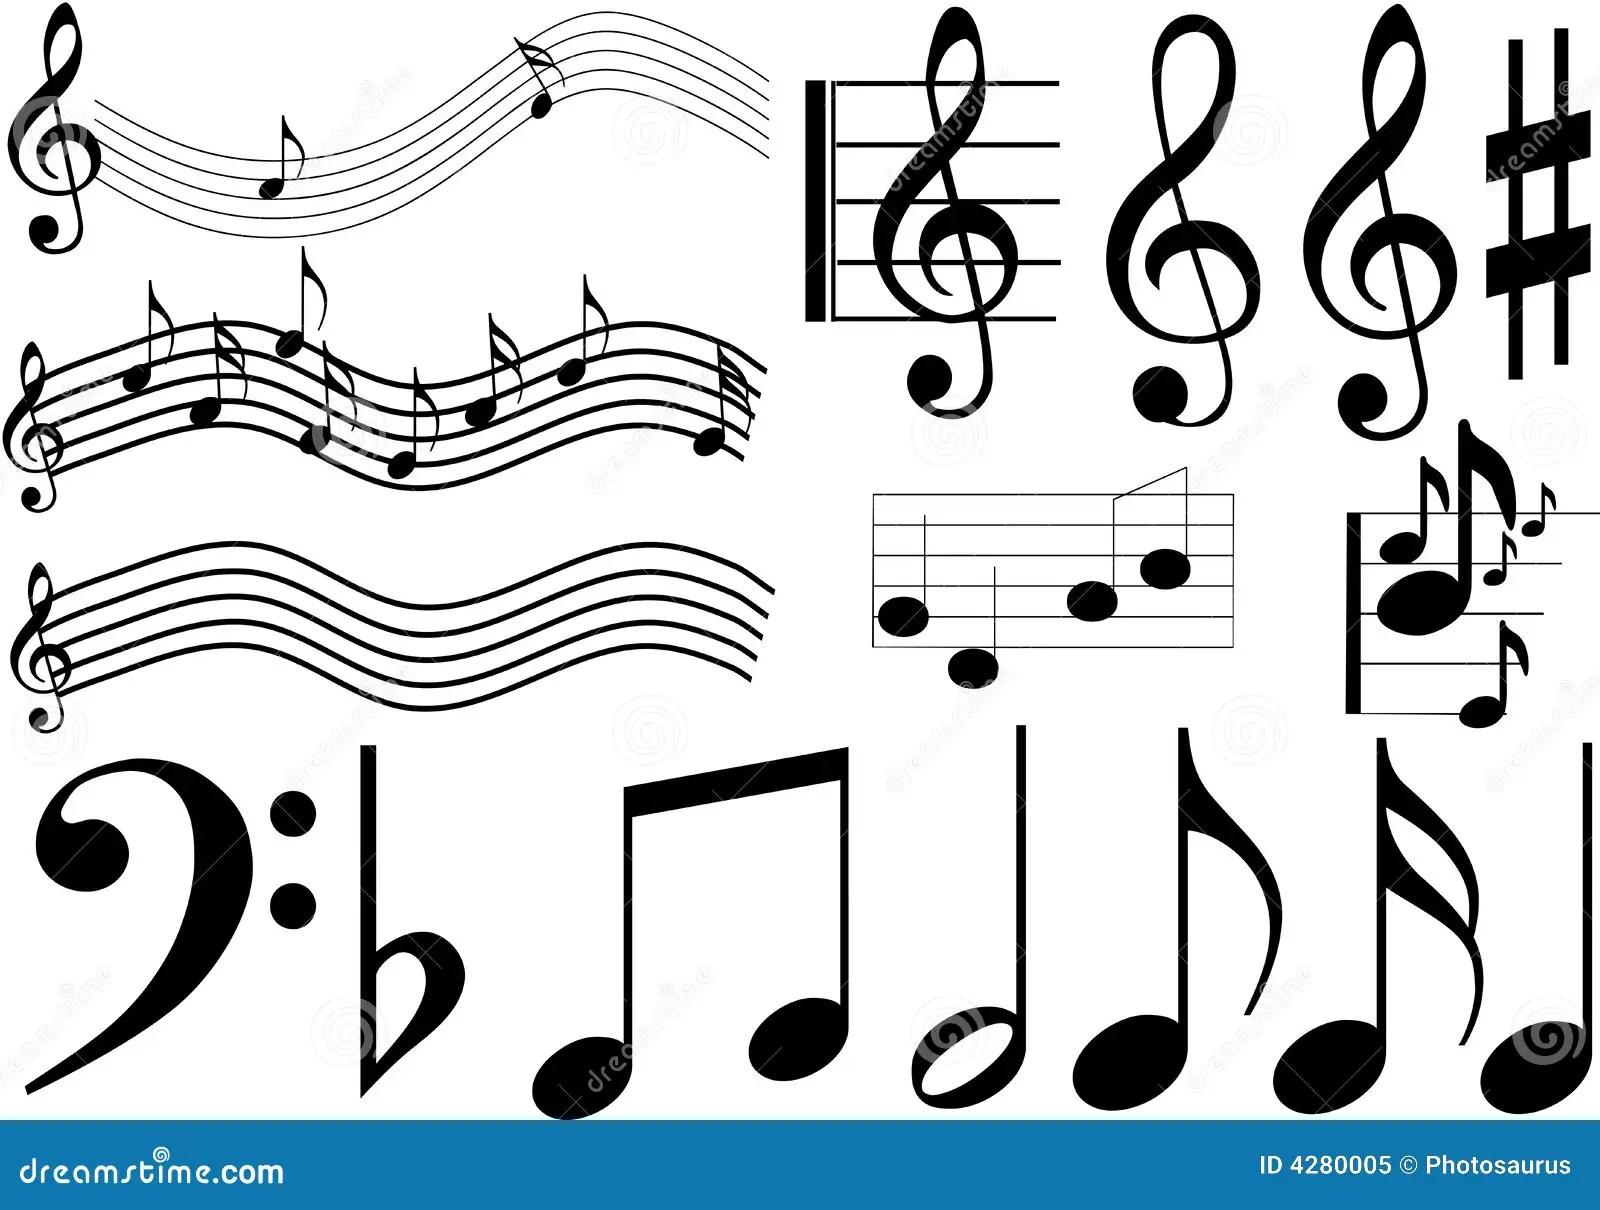 Musikzeichen Lizenzfreies Stockfoto